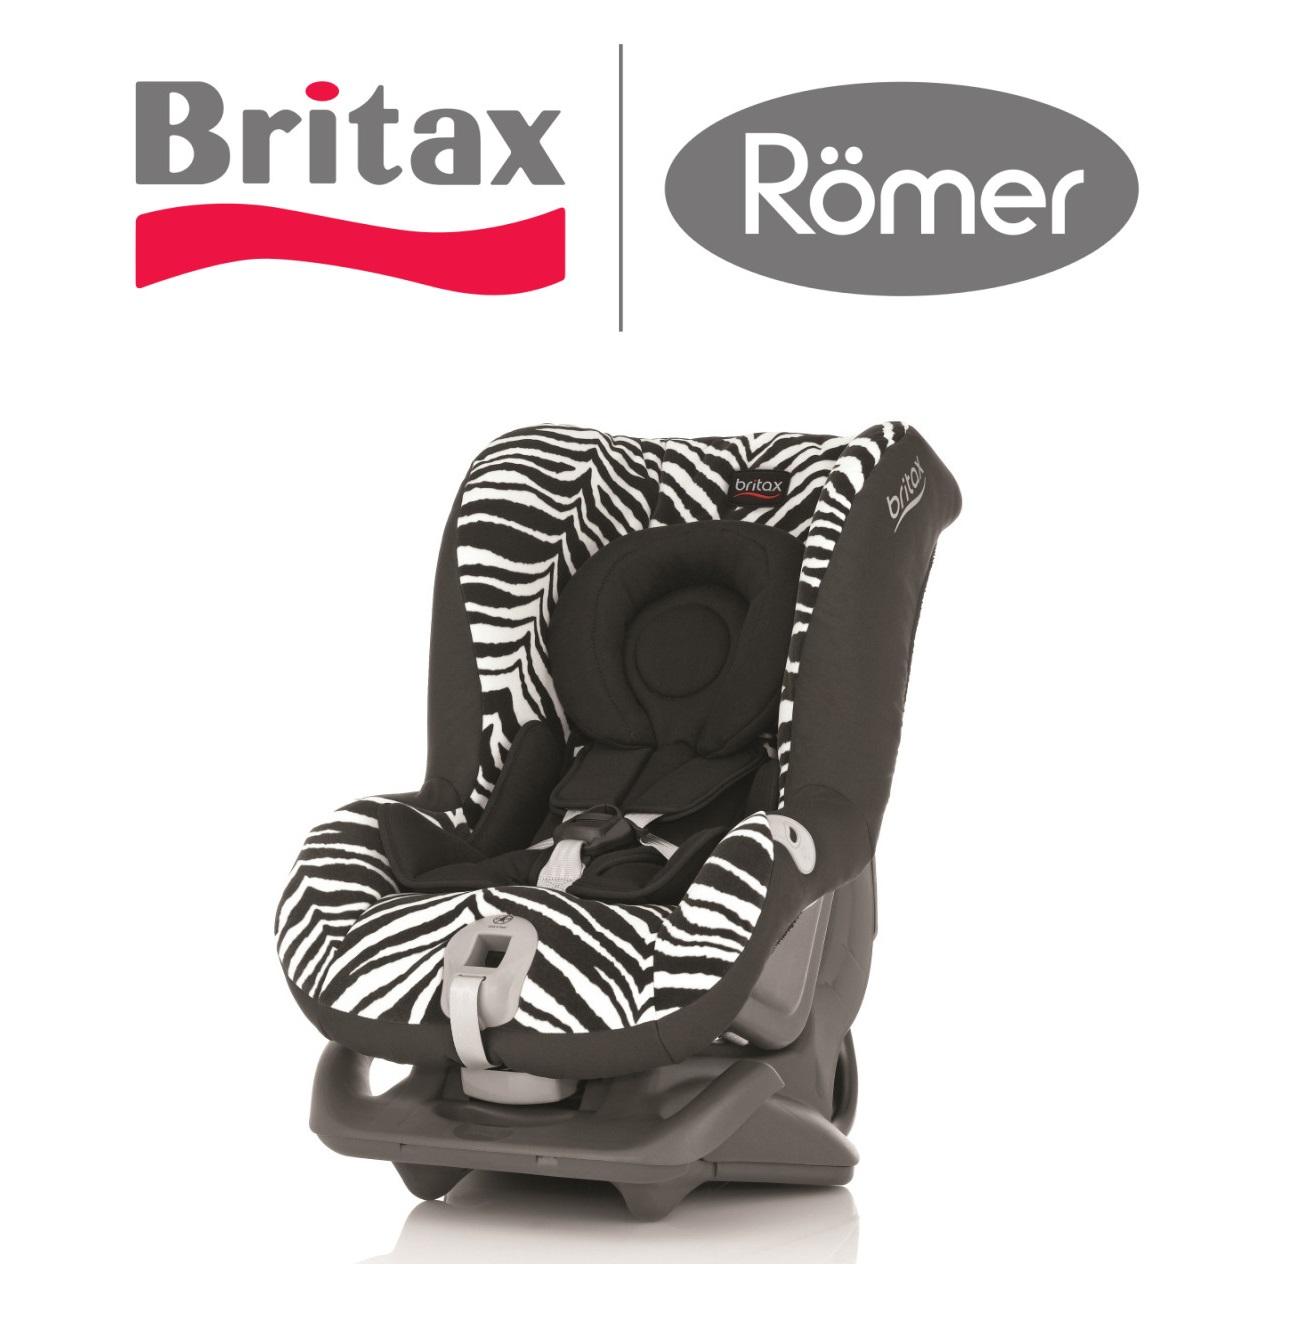 Britax Römer First Class Plus Highline 超级头等舱儿童安全座椅